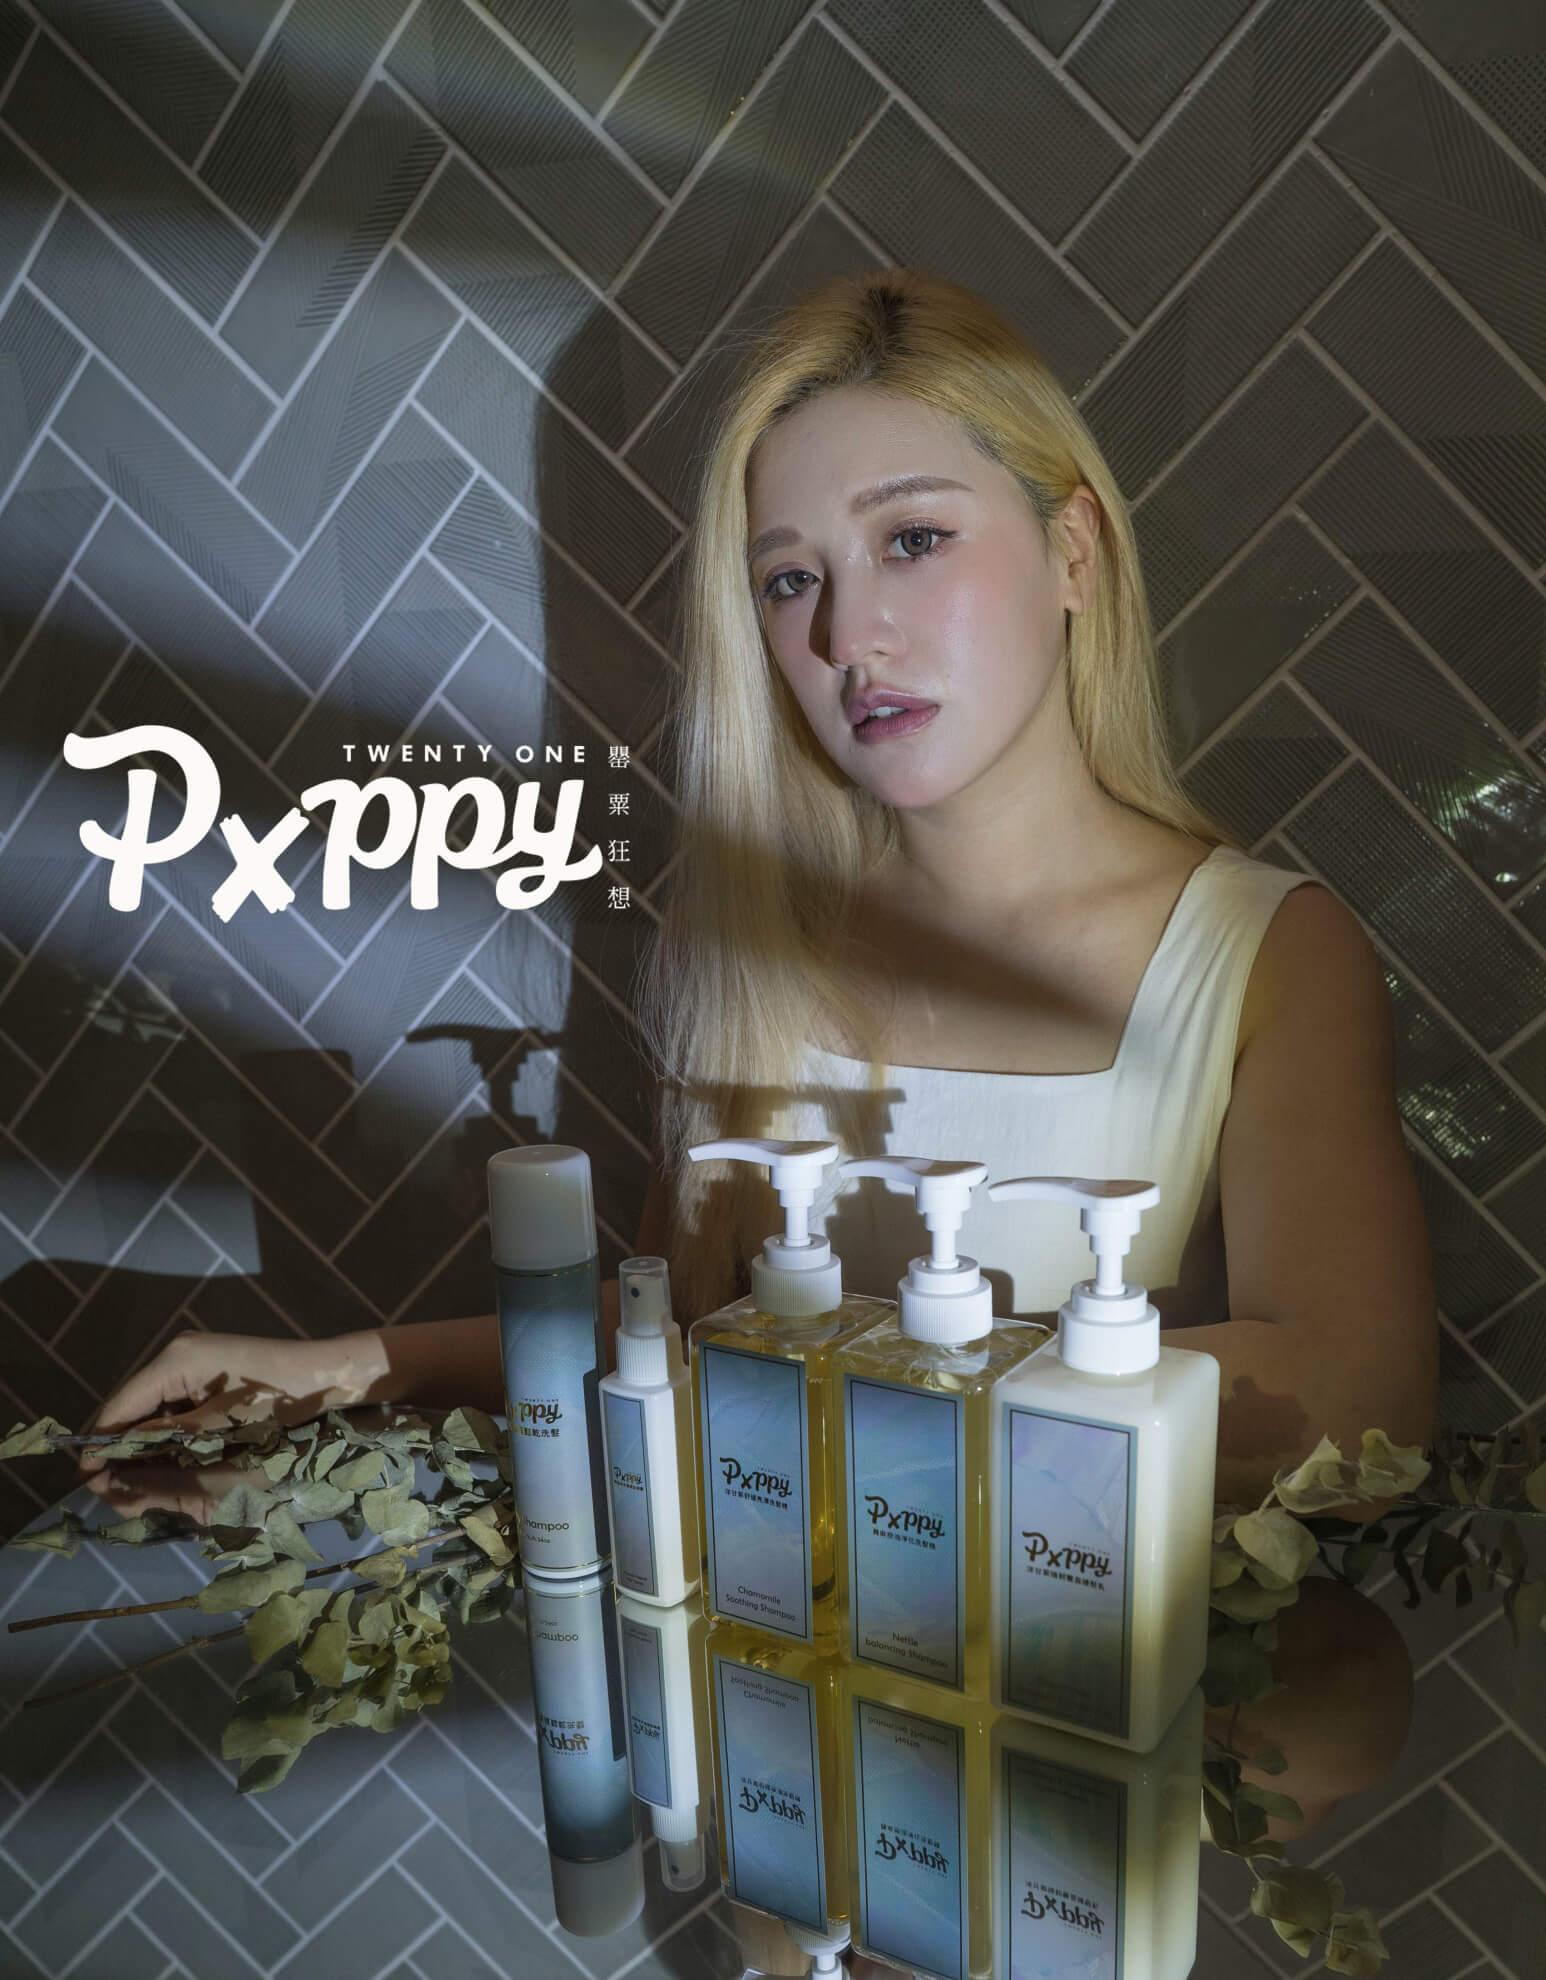 Poppy21 罌粟狂想 評價